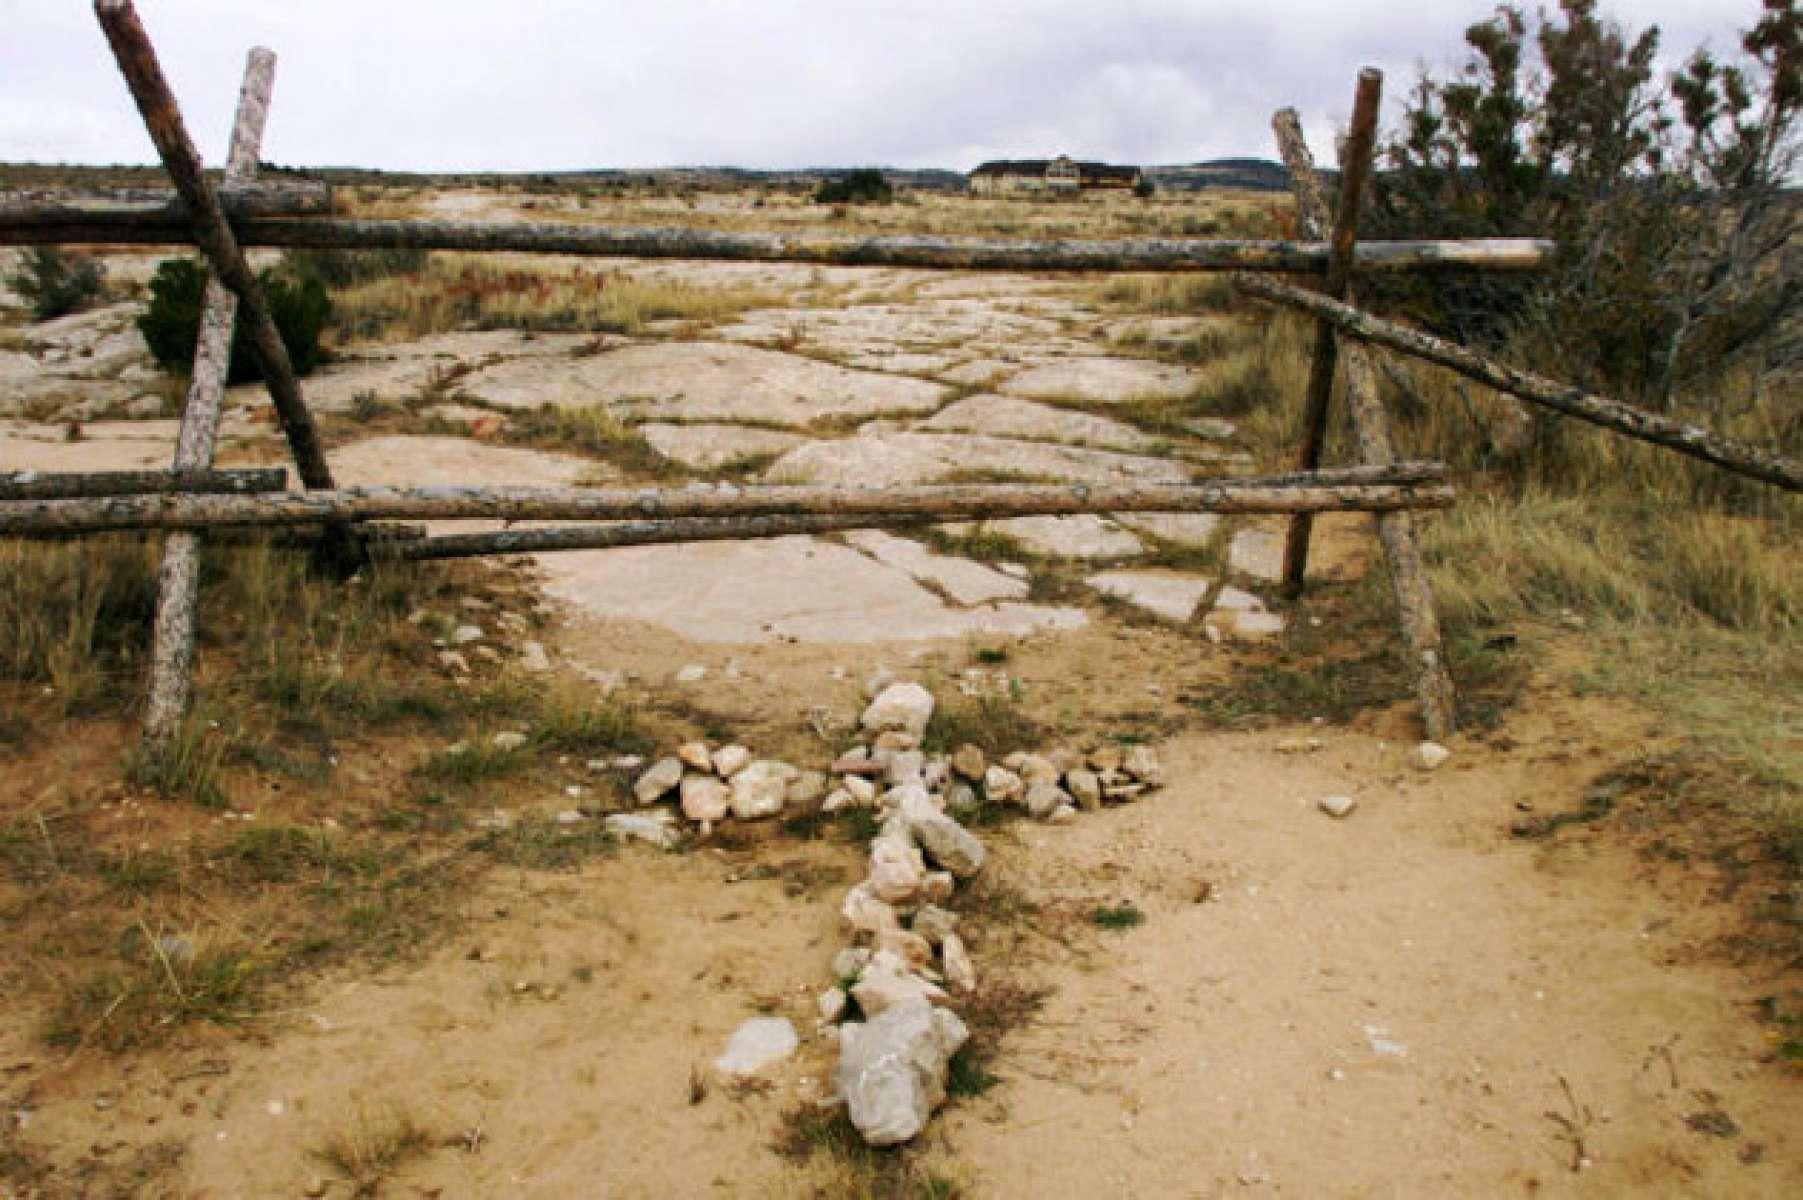 Memorial for Matthew Shepard in Laramie, Wyoming